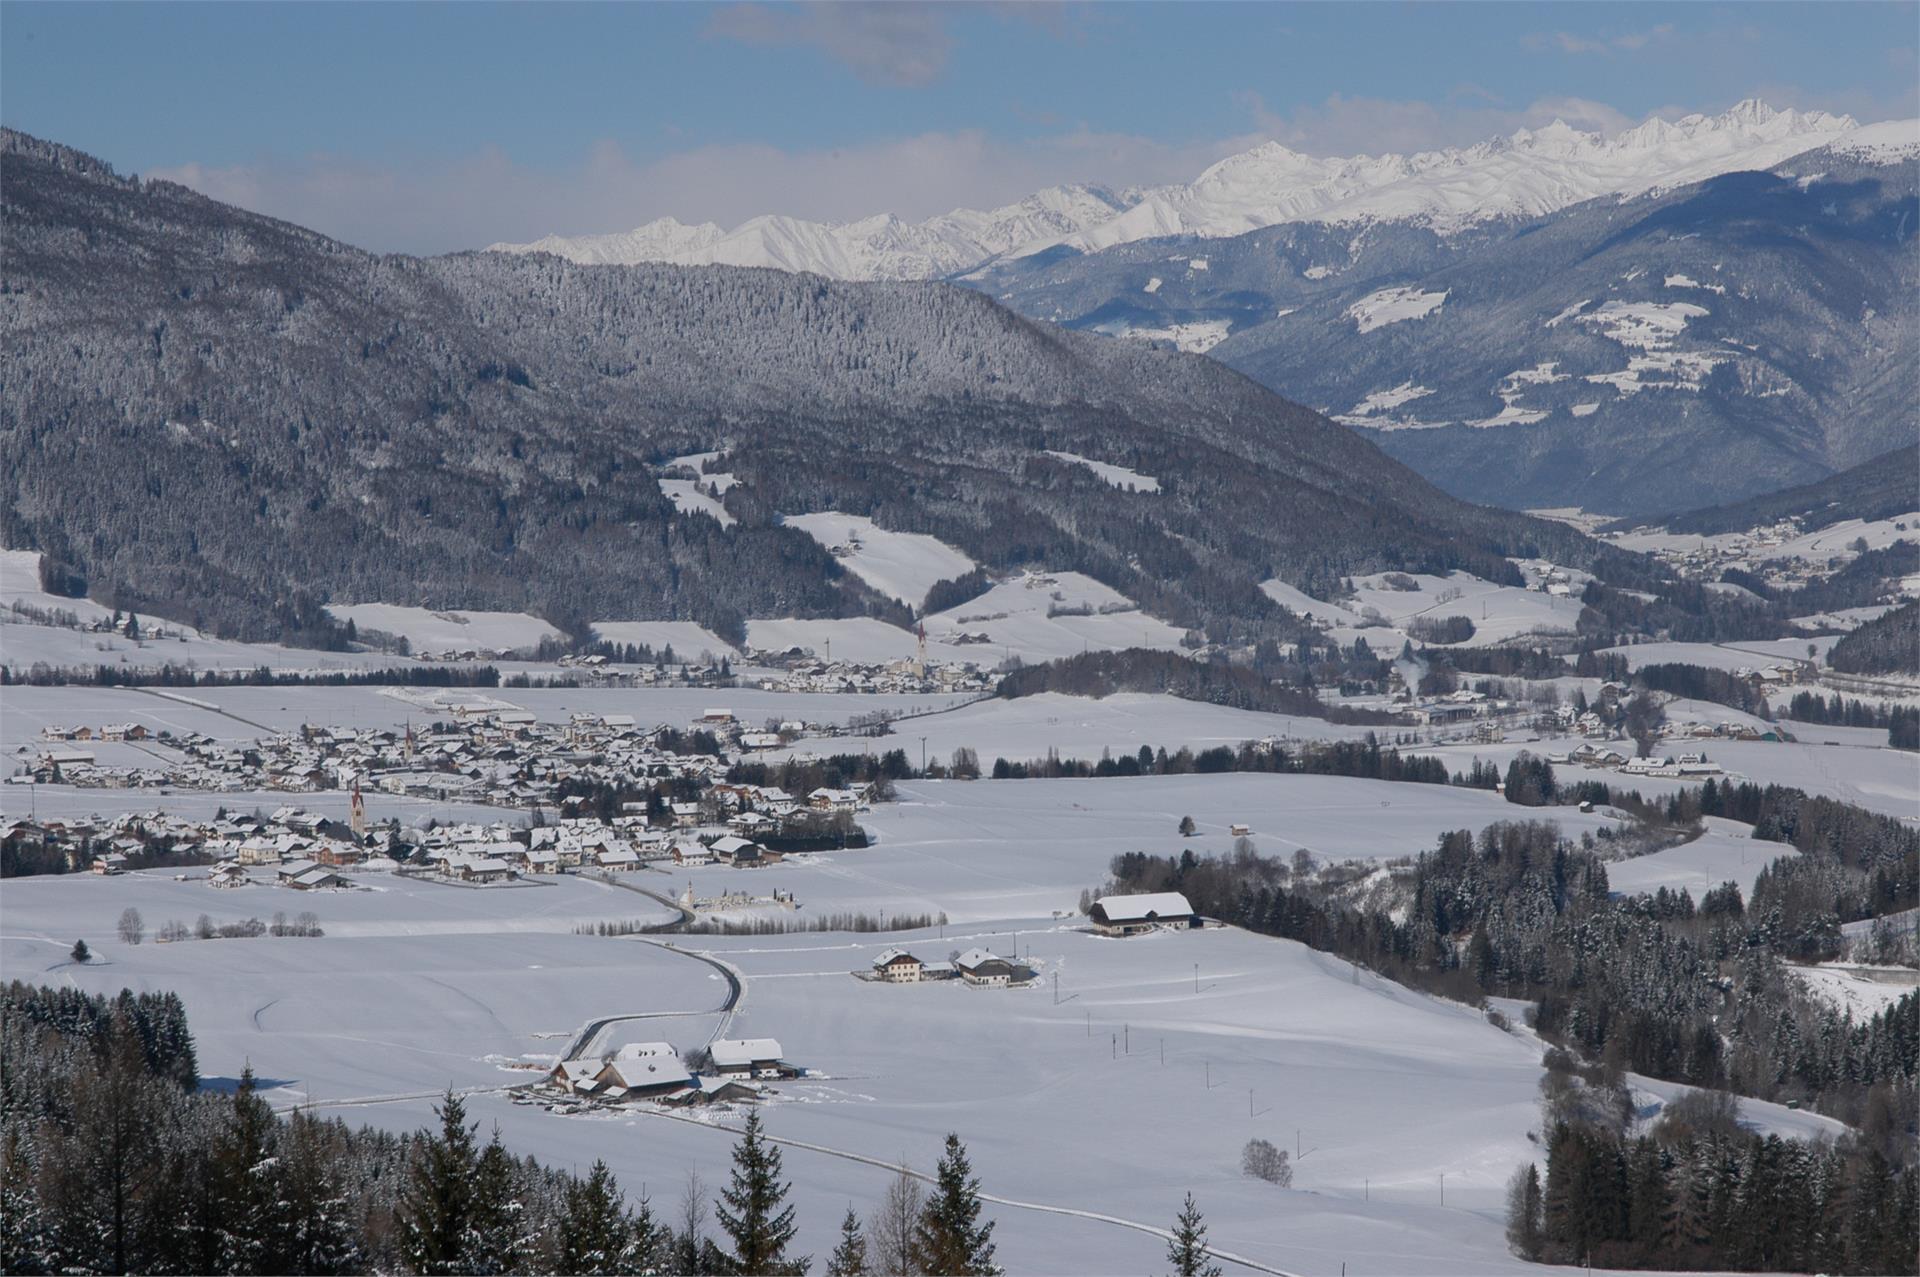 Schneeschuhwanderung Voppichl Hof - Lanzwiesen Alm